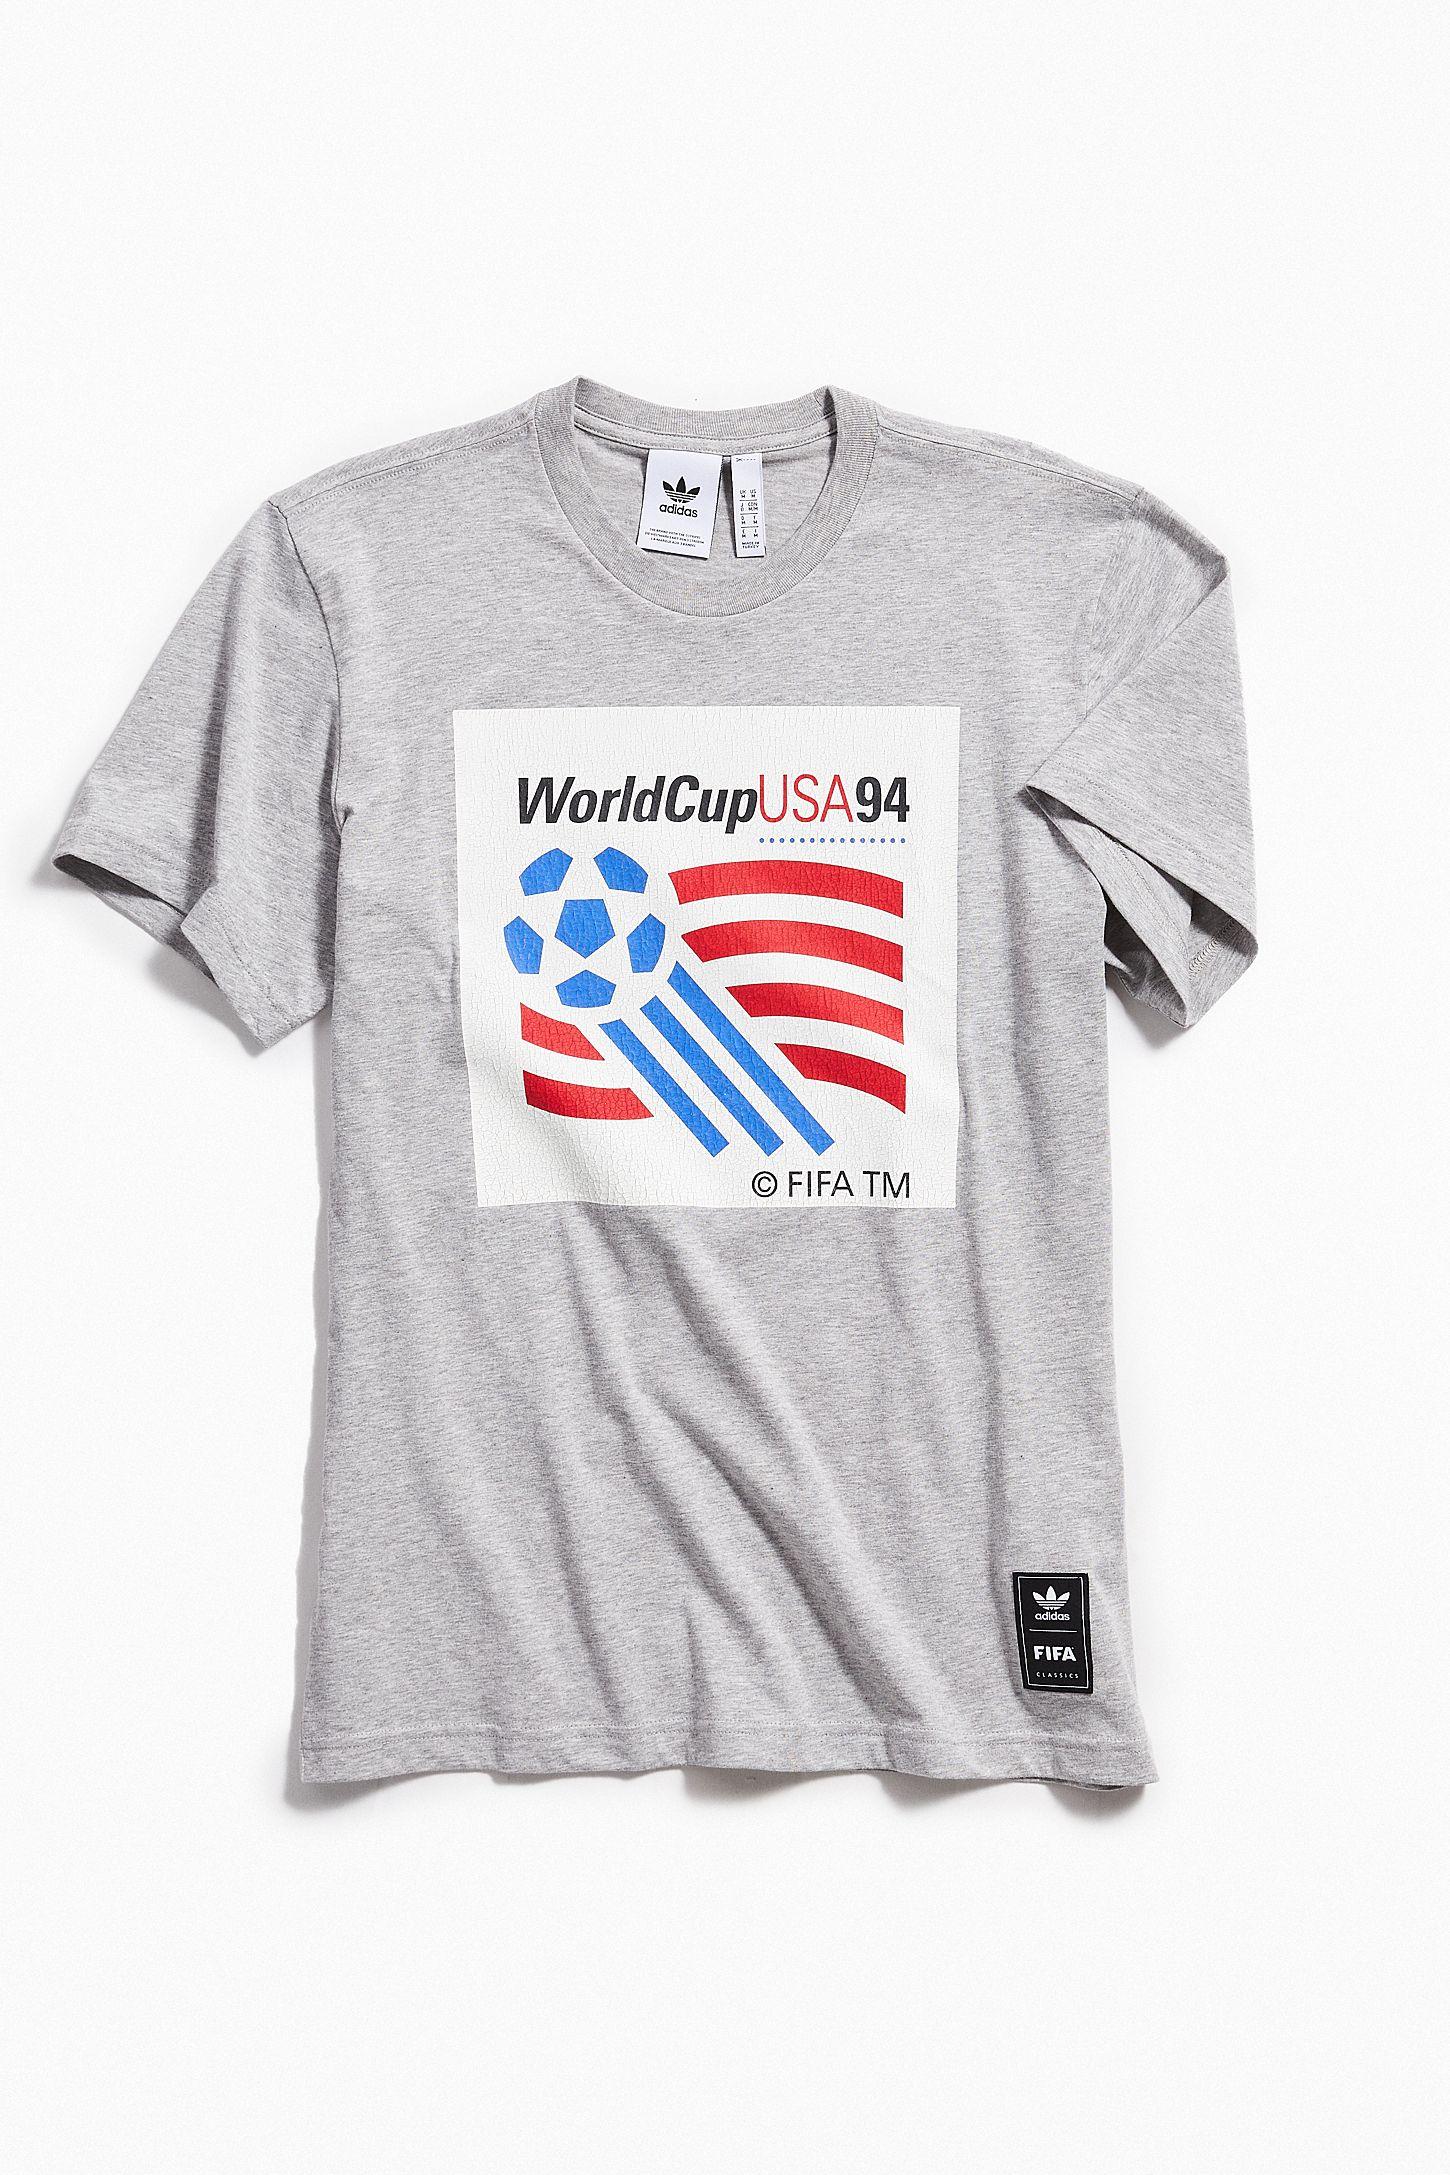 c1197bf4ca618 adidas World Cup '94 Logo Tee